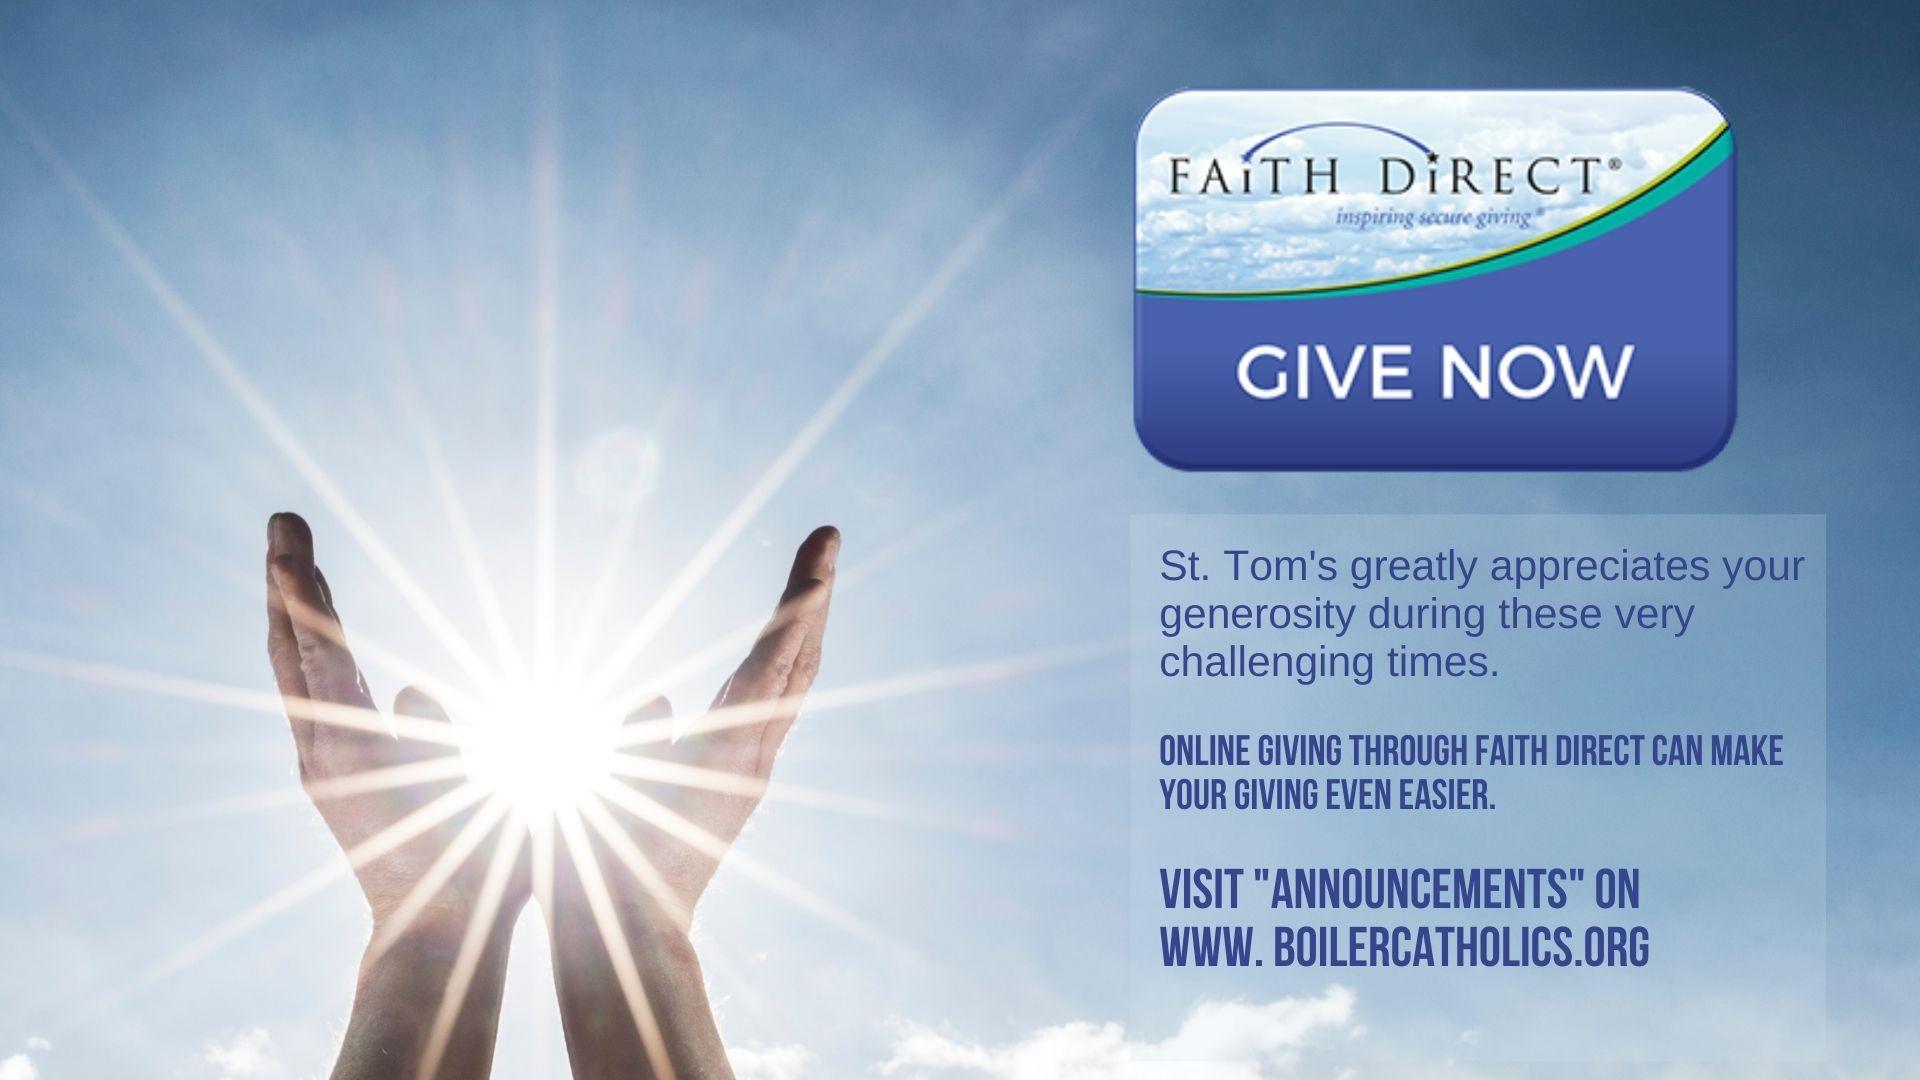 faith-direct-digiboard-1